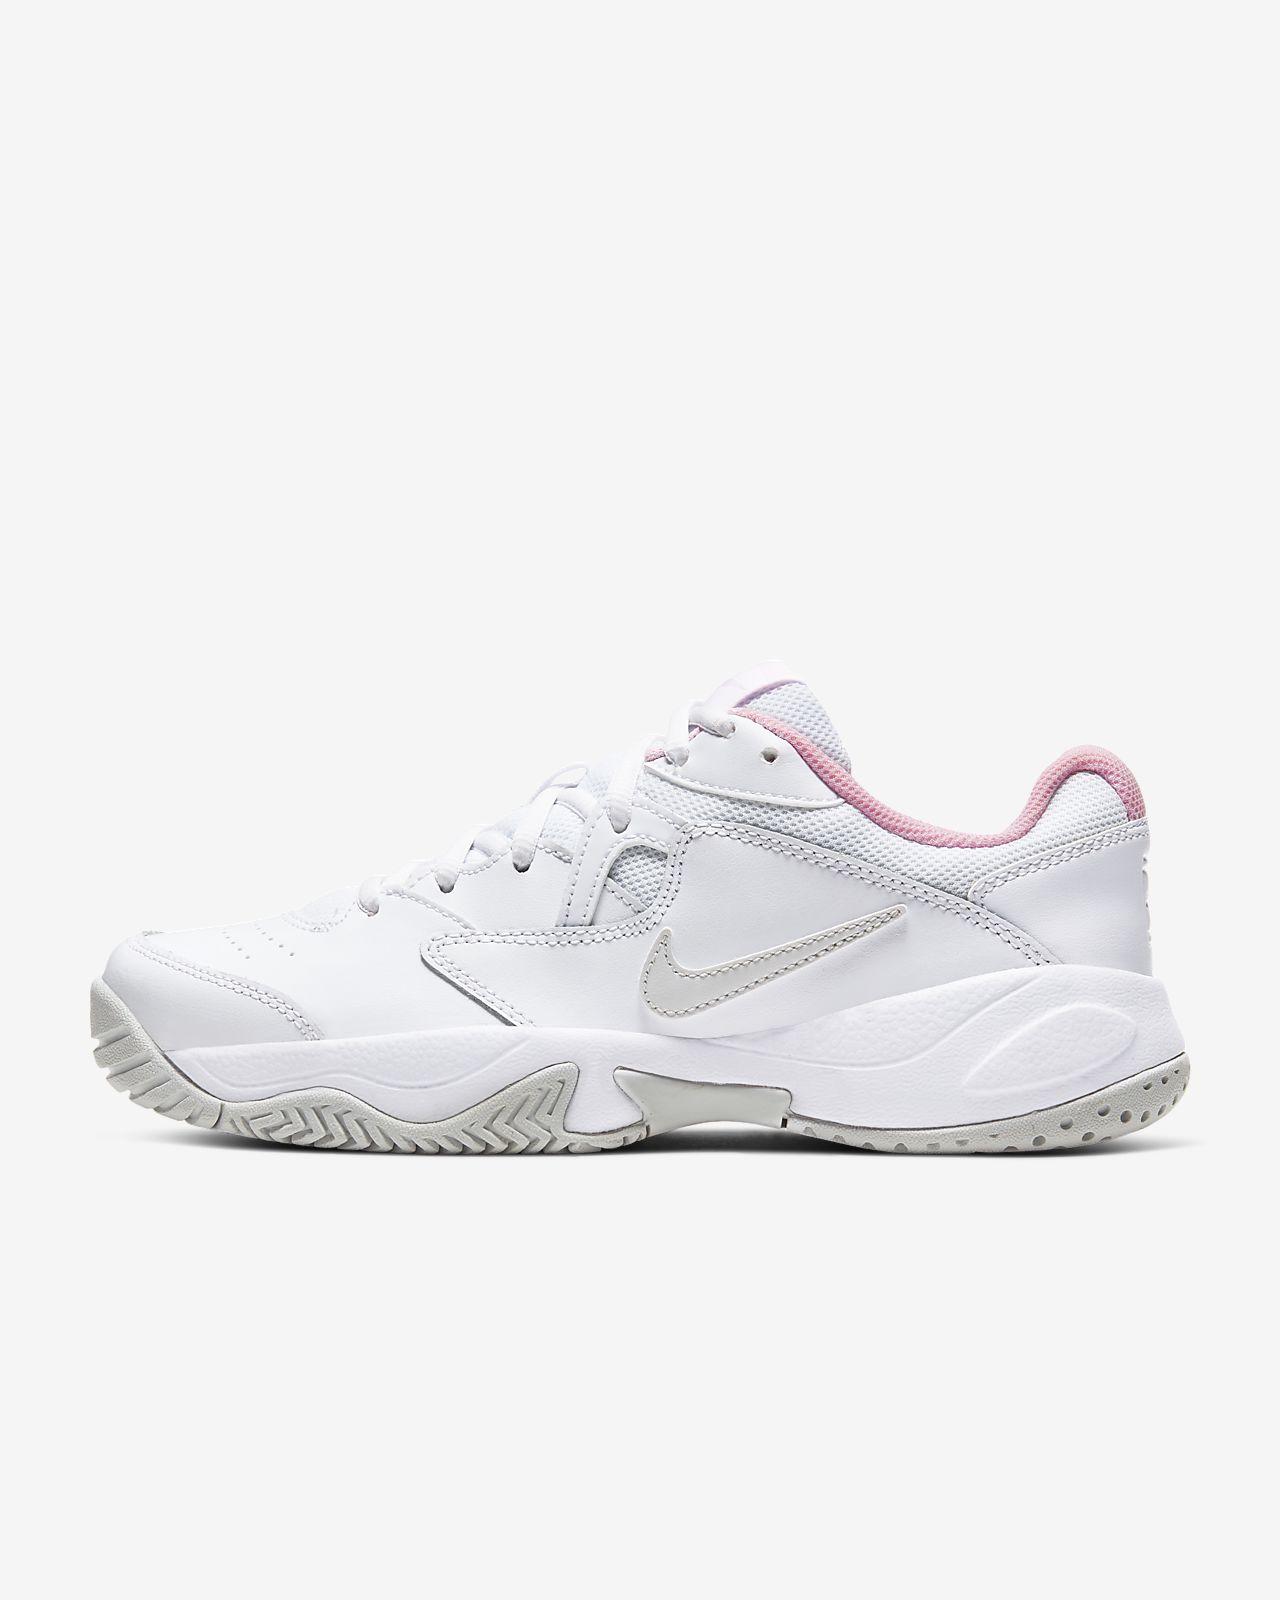 Damskie buty do tenisa na twarde korty NikeCourt Lite 2